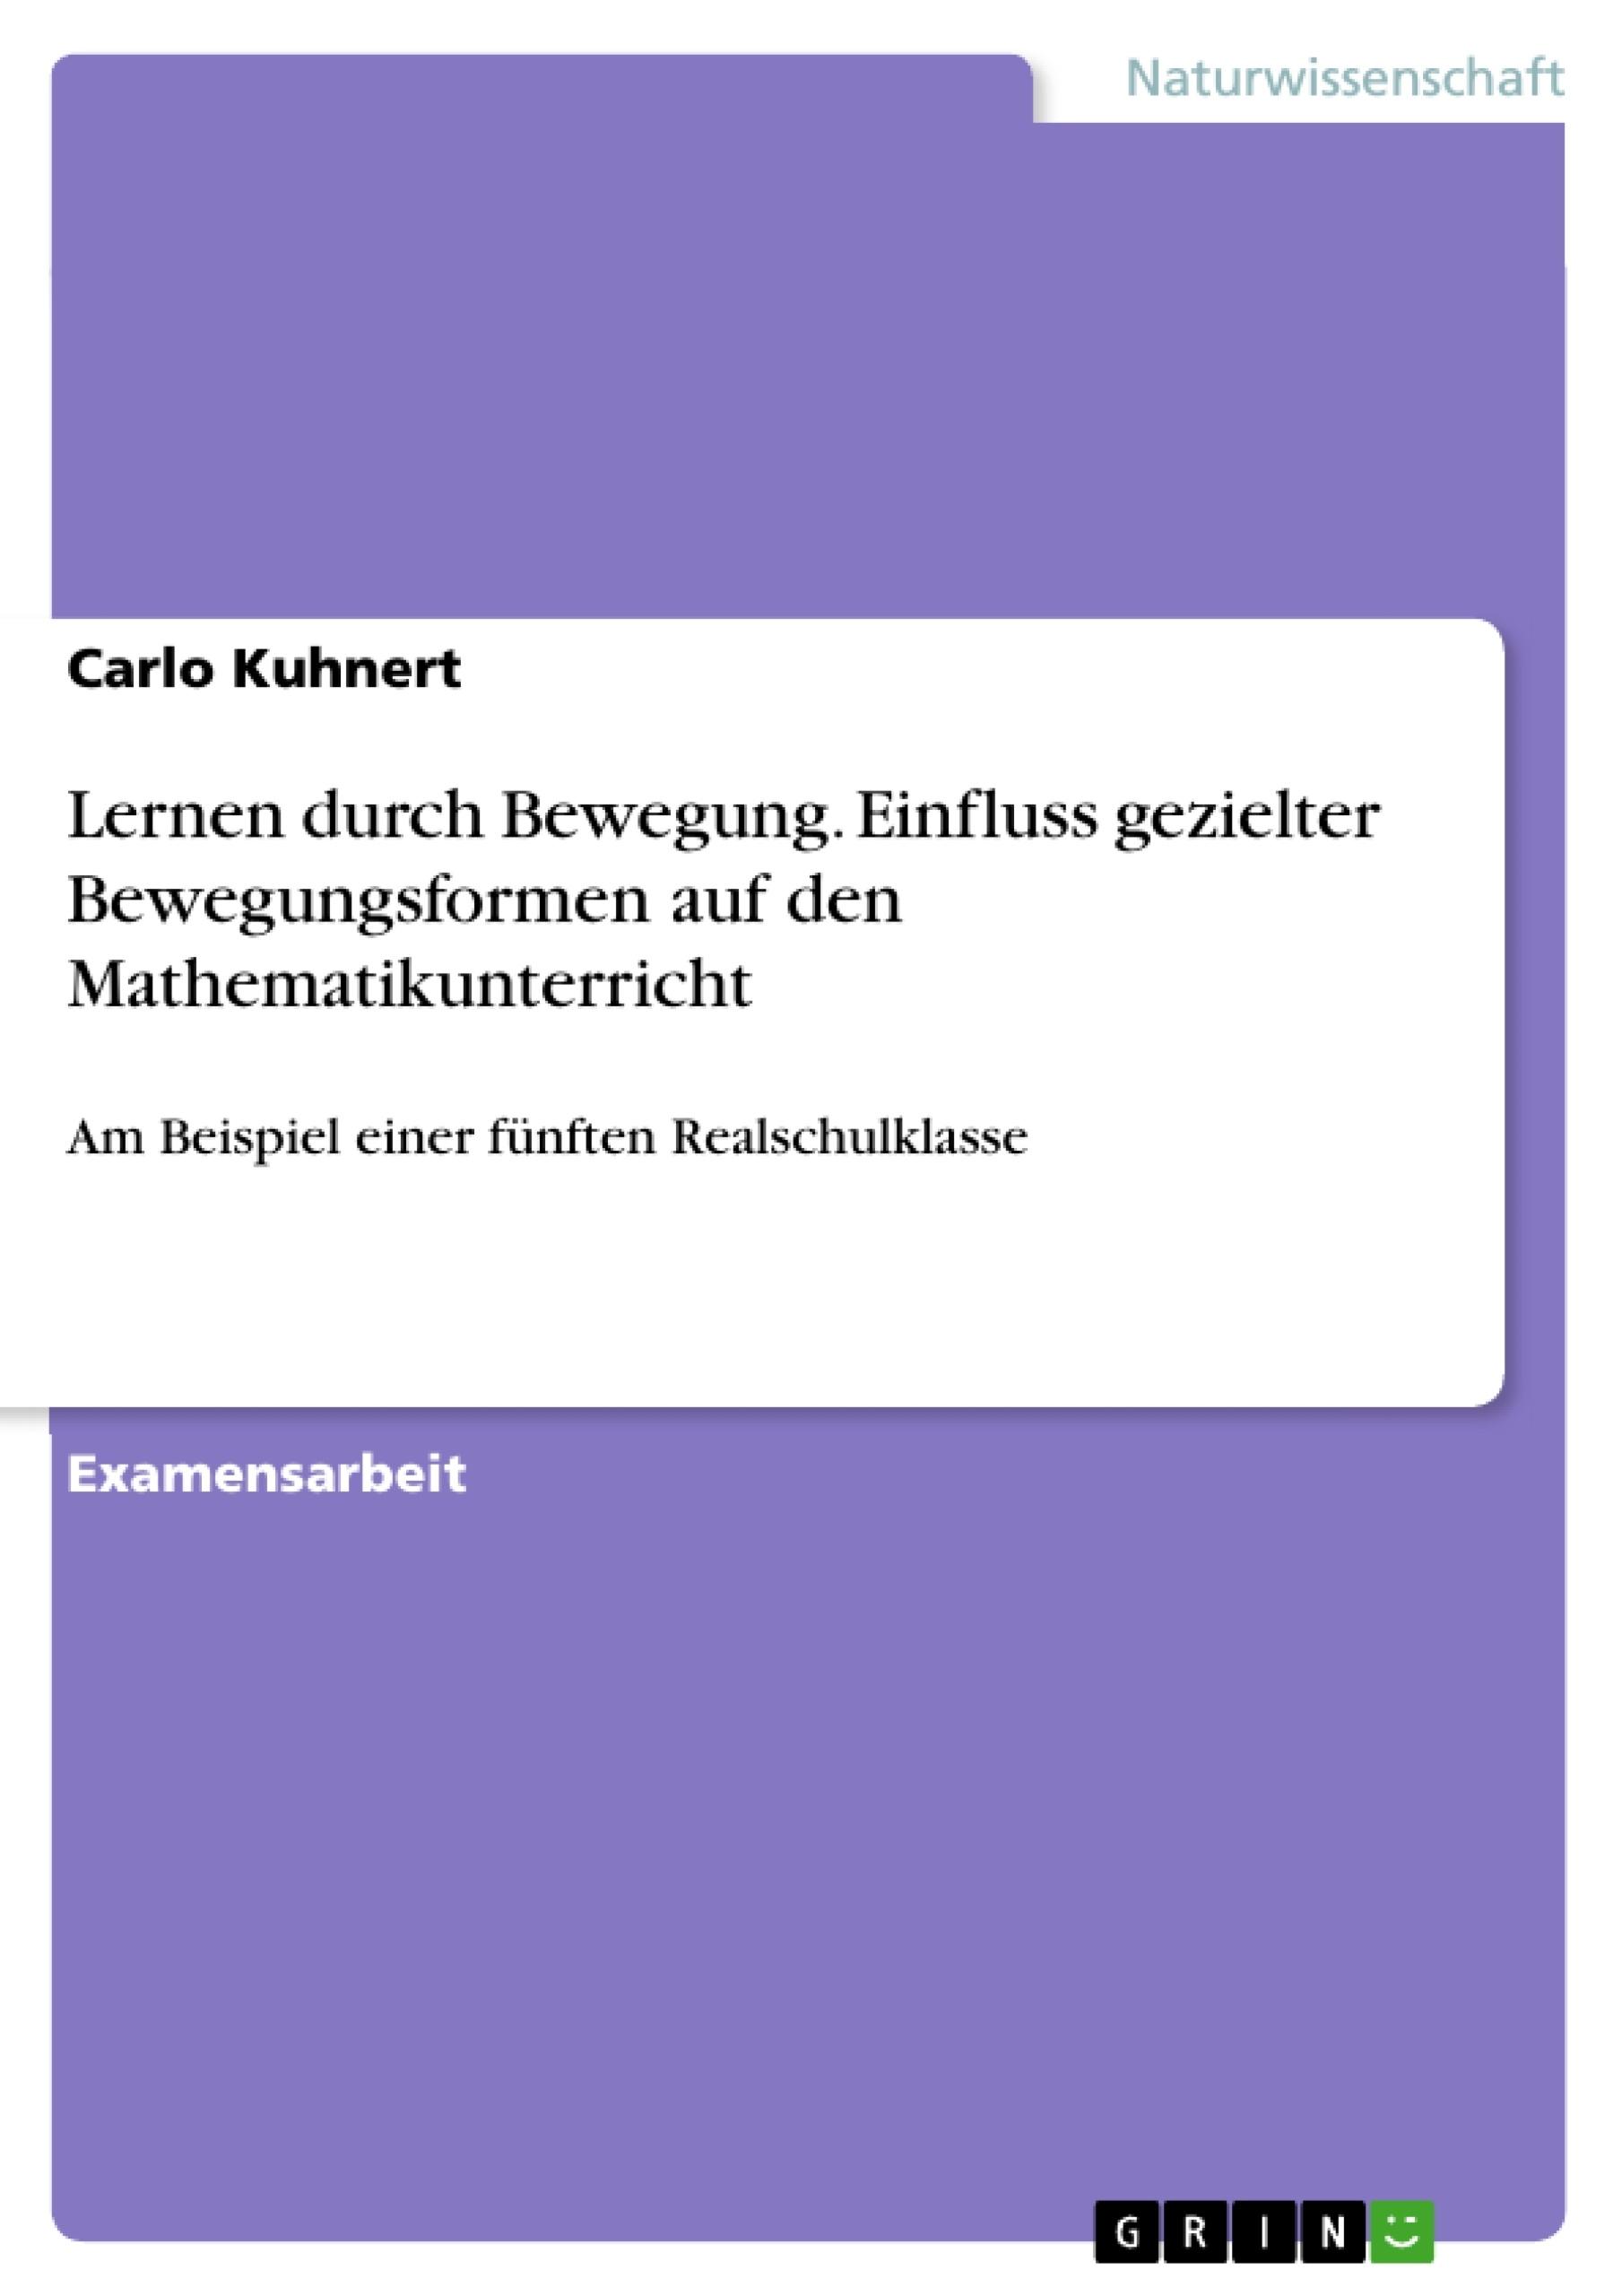 Titel: Lernen durch Bewegung. Einfluss gezielter Bewegungsformen auf den Mathematikunterricht